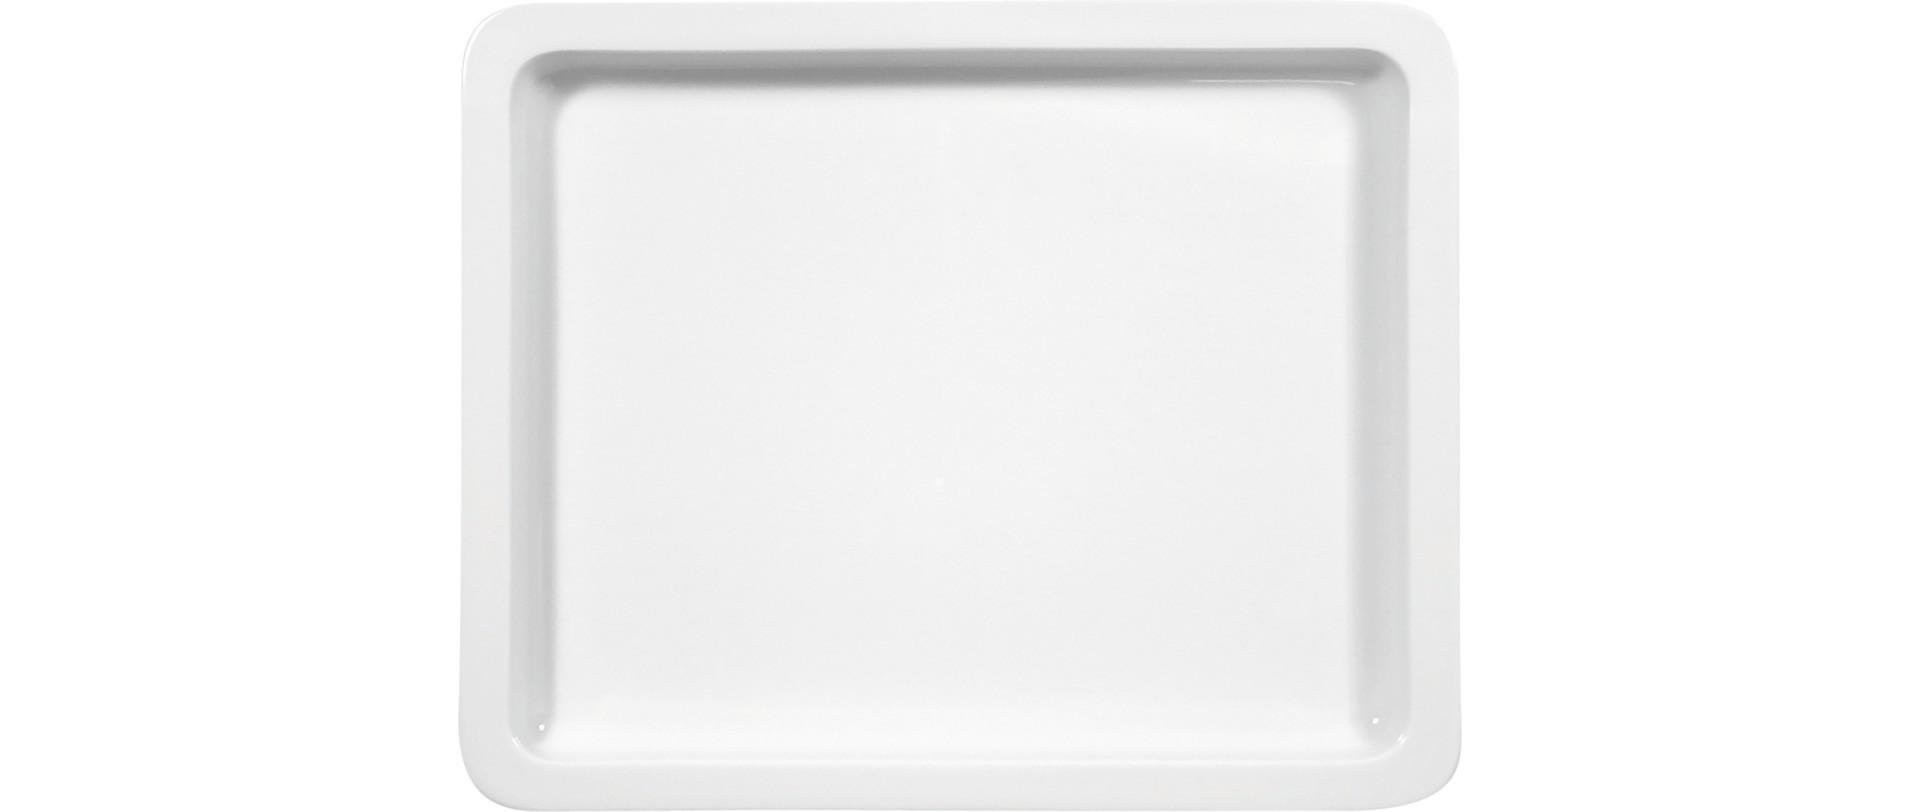 Buffet Gourmet, GN-Behälter GN 1/2 325 x 265 x 20 mm / 1,20 l